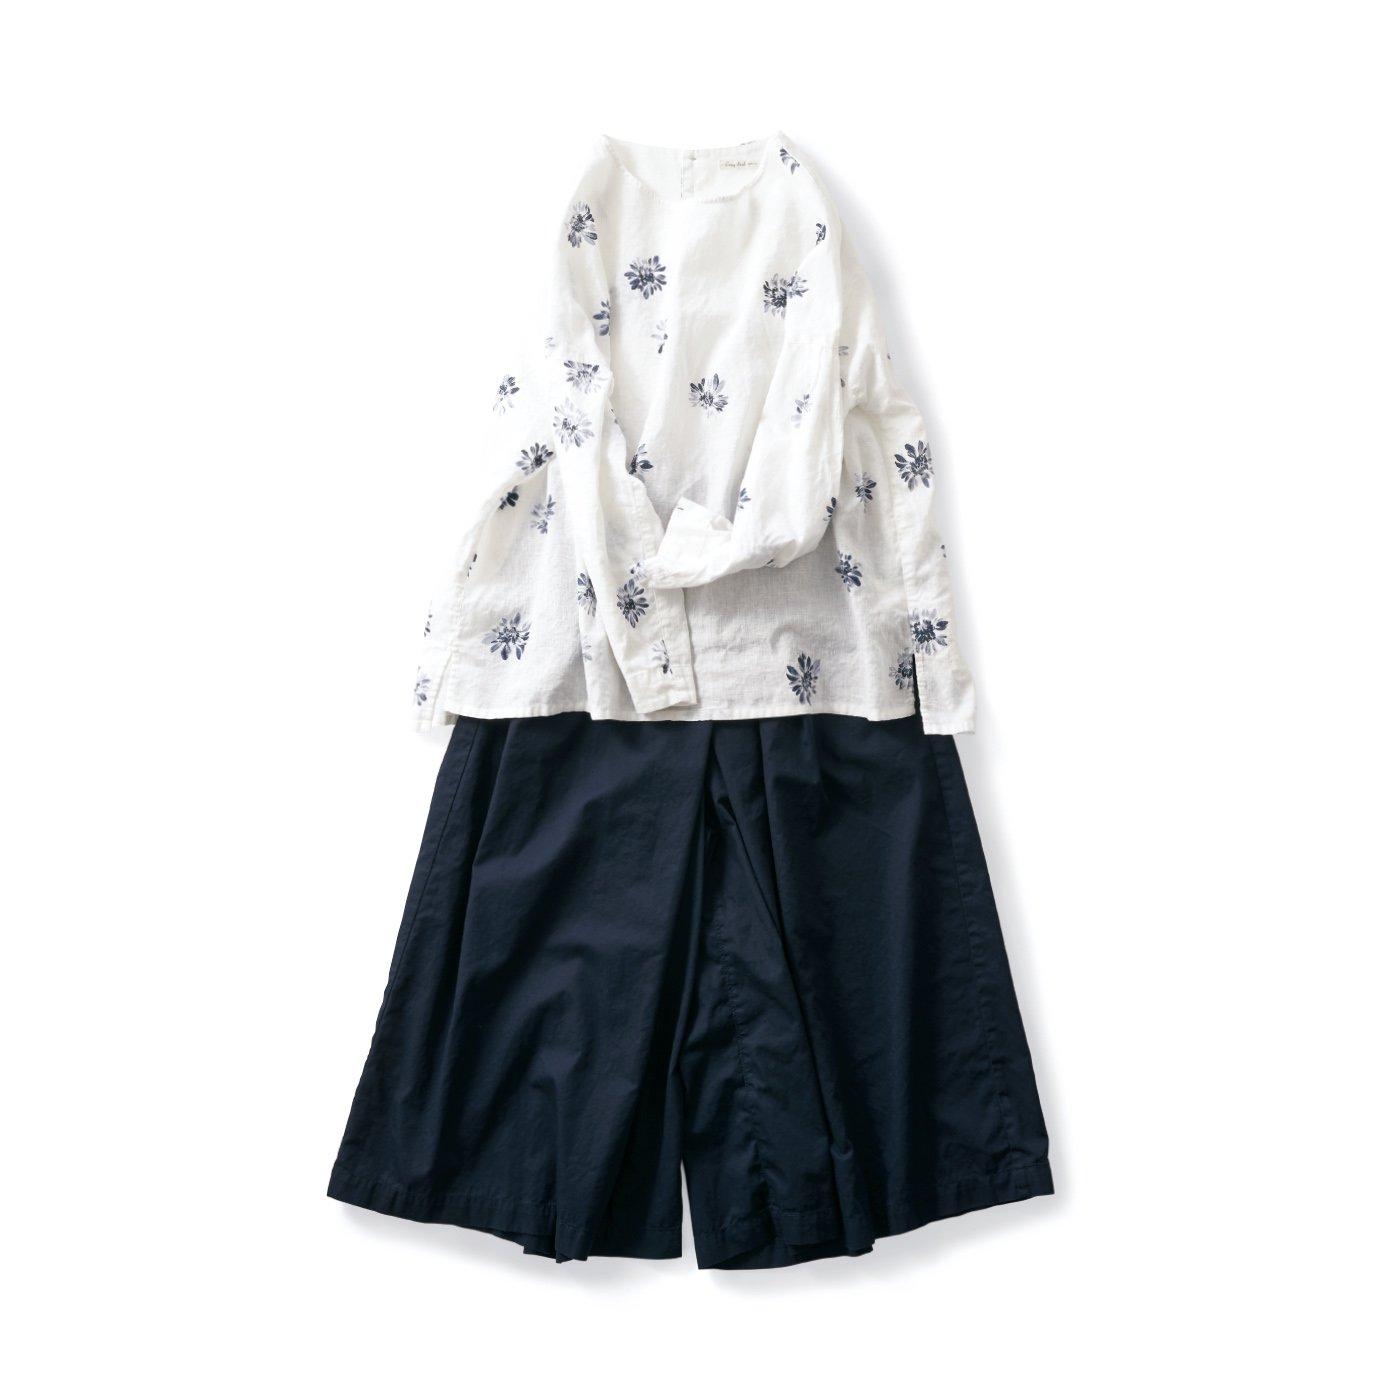 サニークラウズ 花柄な津田さんコーディネイト〈レディース〉